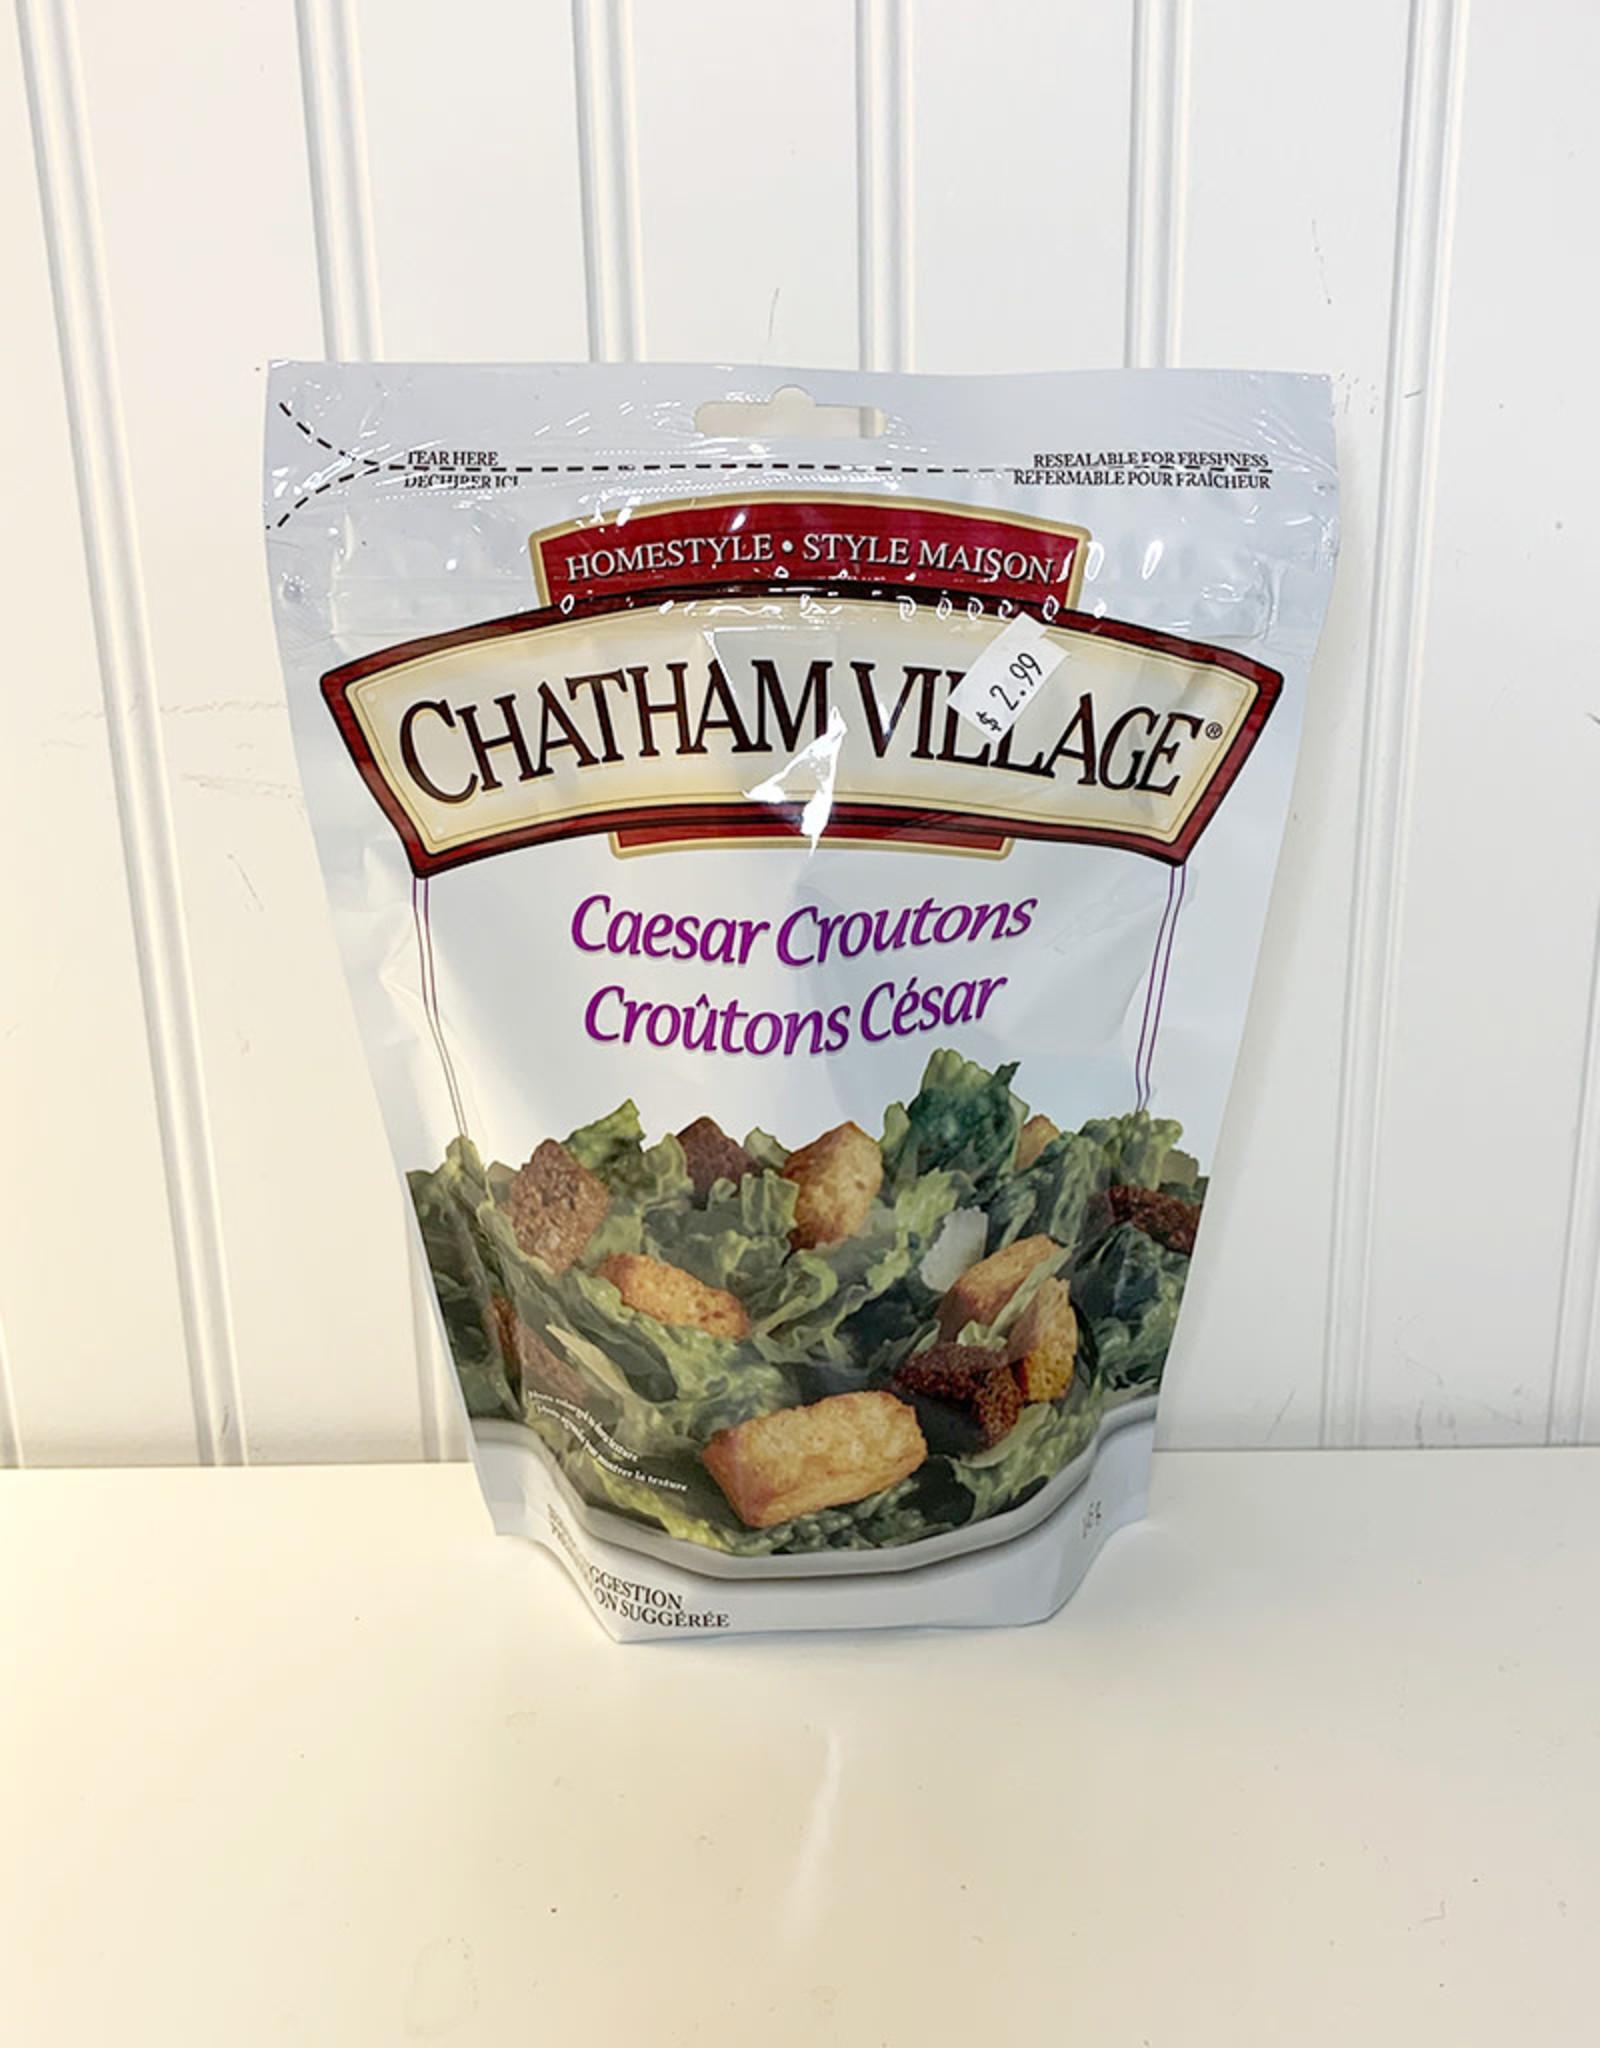 Chatham Village Chatham Village - Croutons, Caesar (145g)